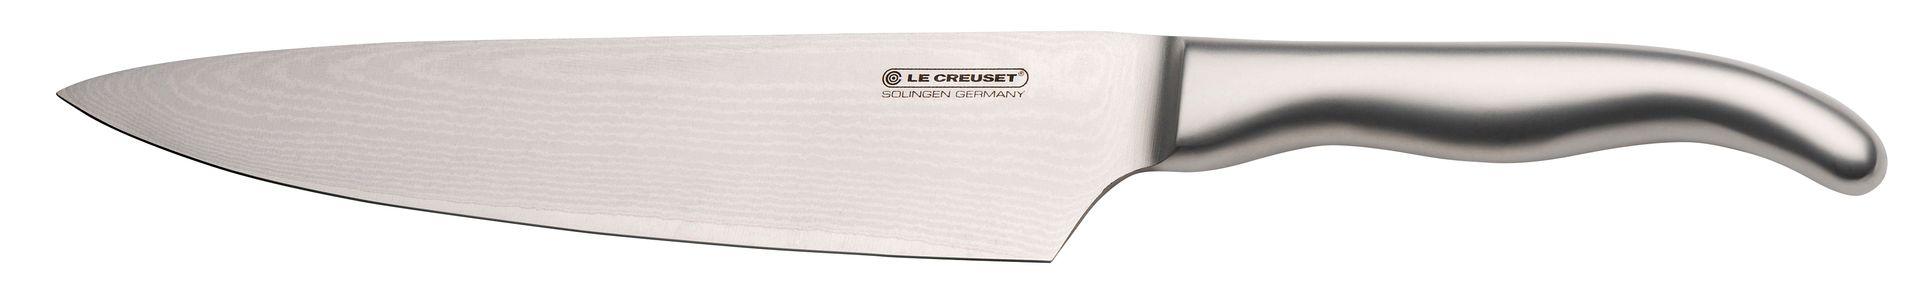 Le Creuset Kochmesser mit Edelstahlgriff 20 cm